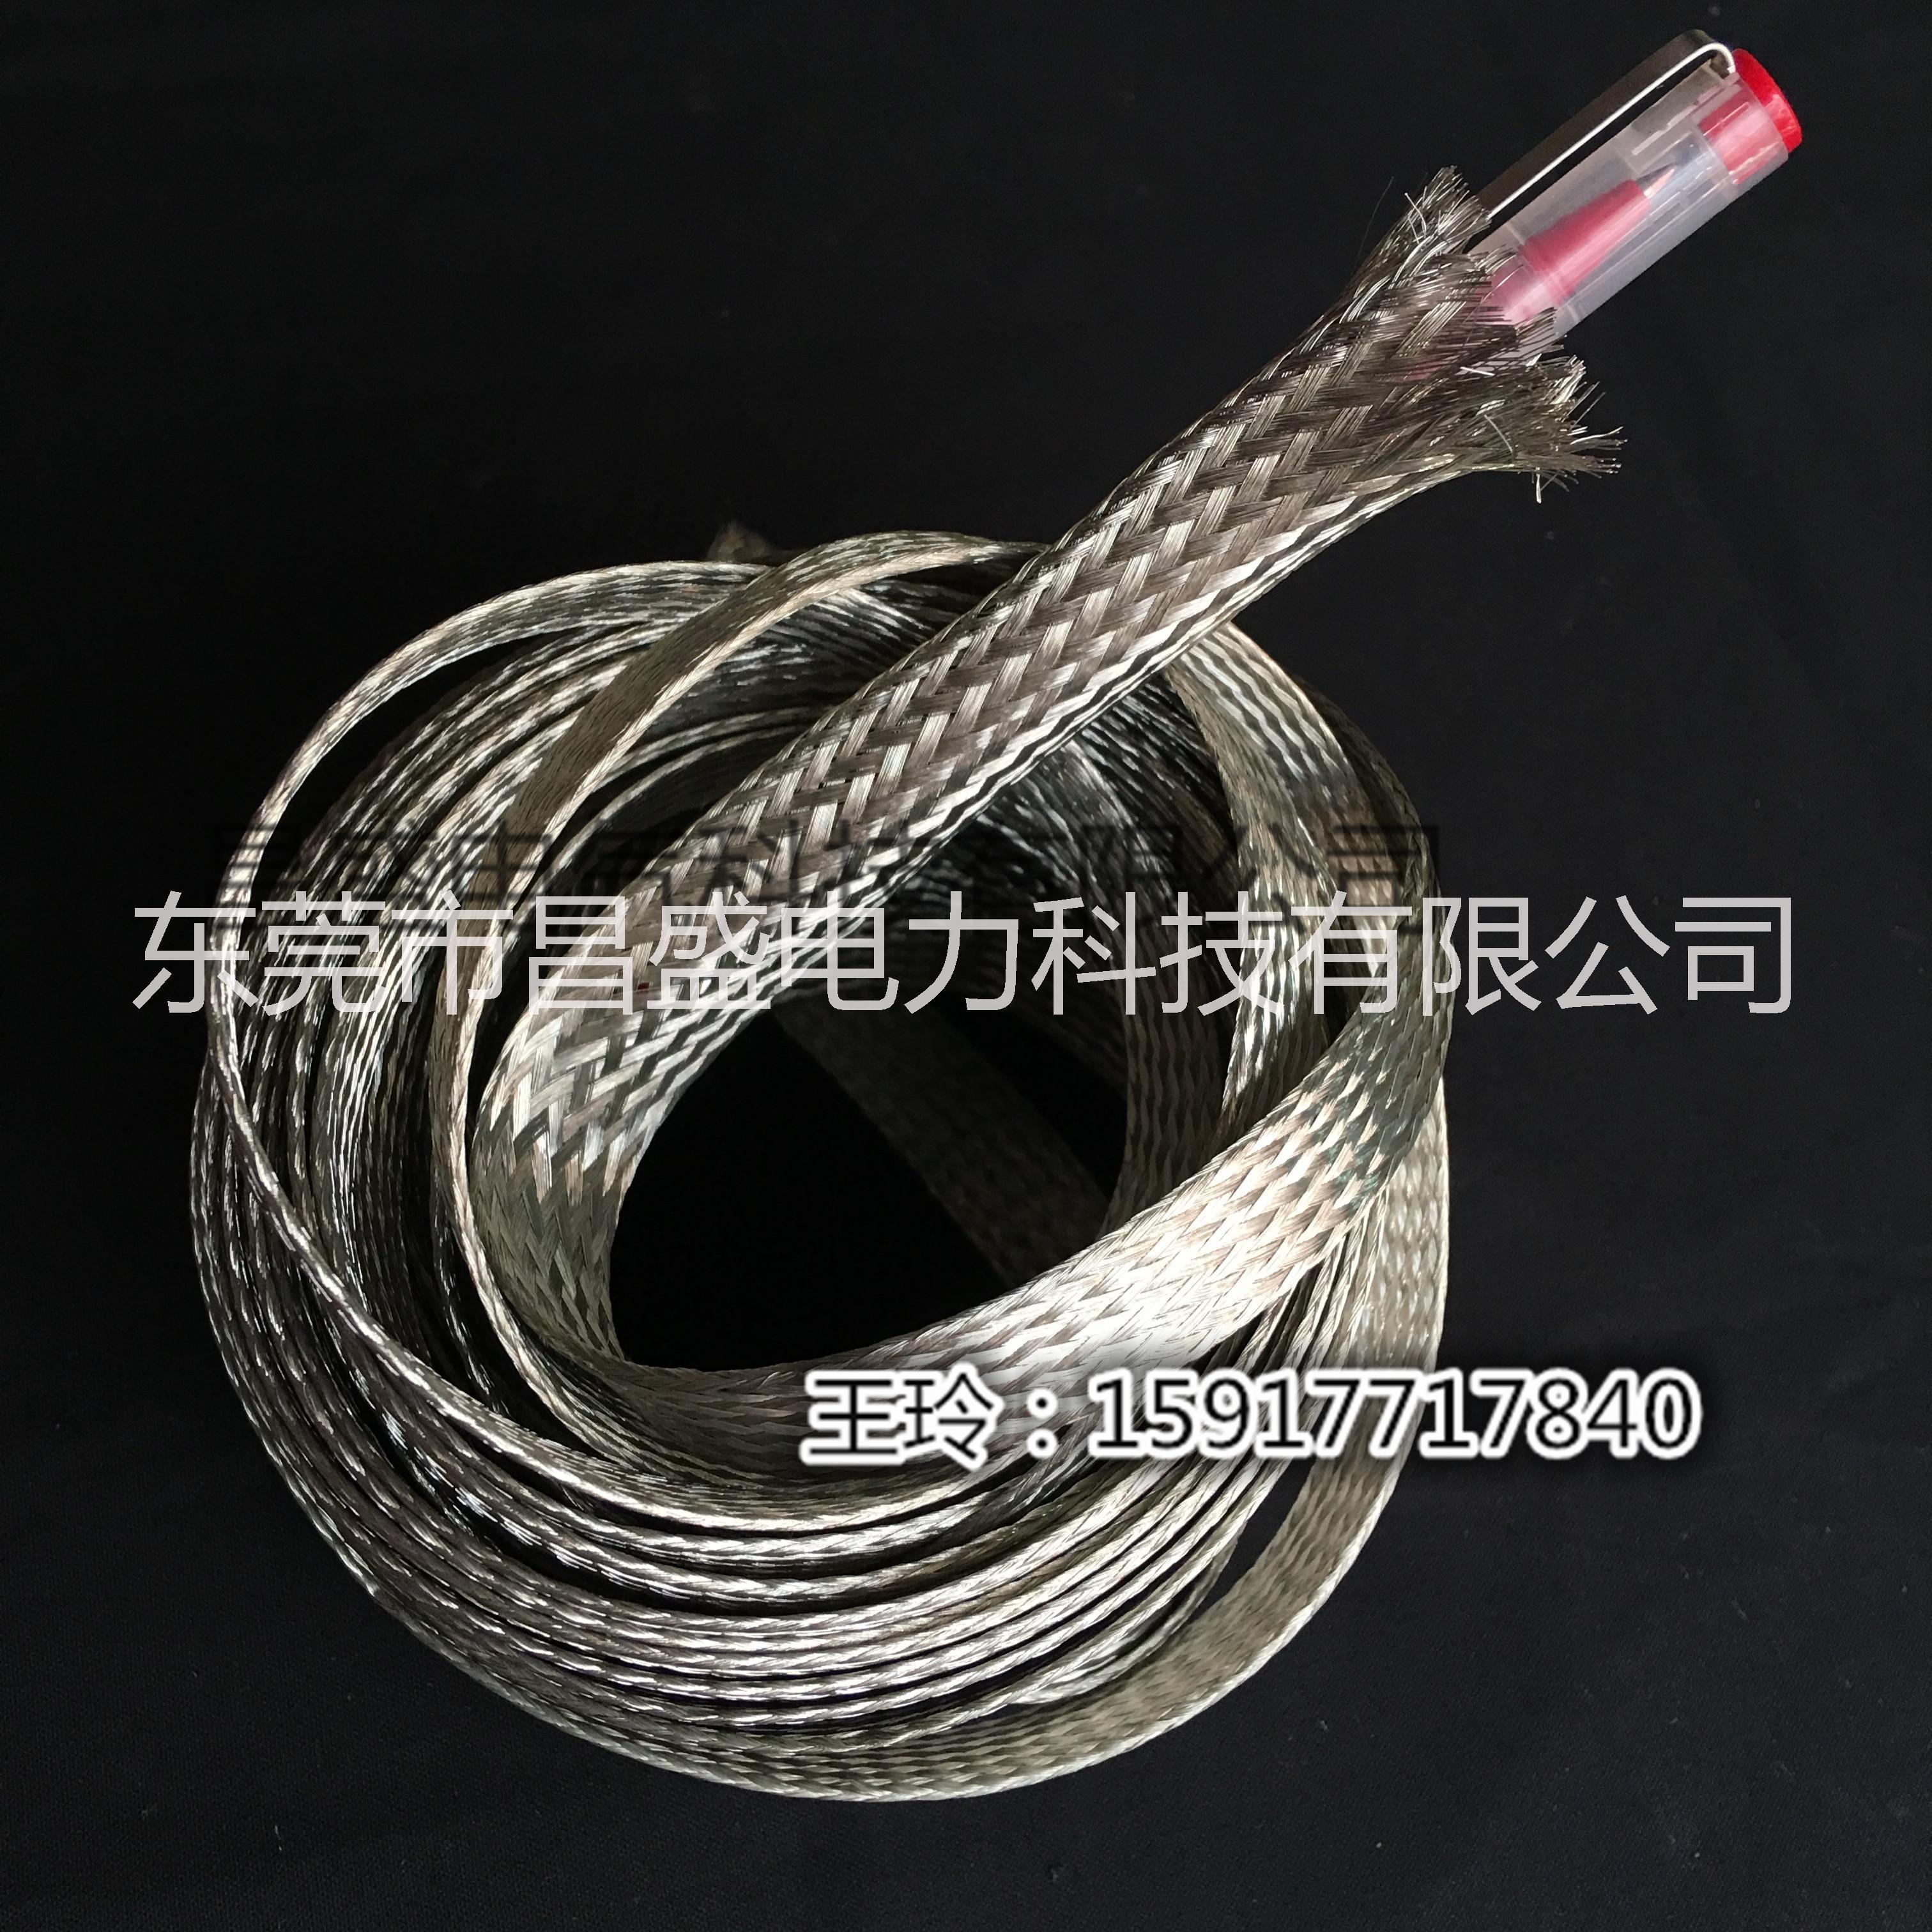 昌盛抗干扰镀锡铜编织管(线束屏蔽网套)